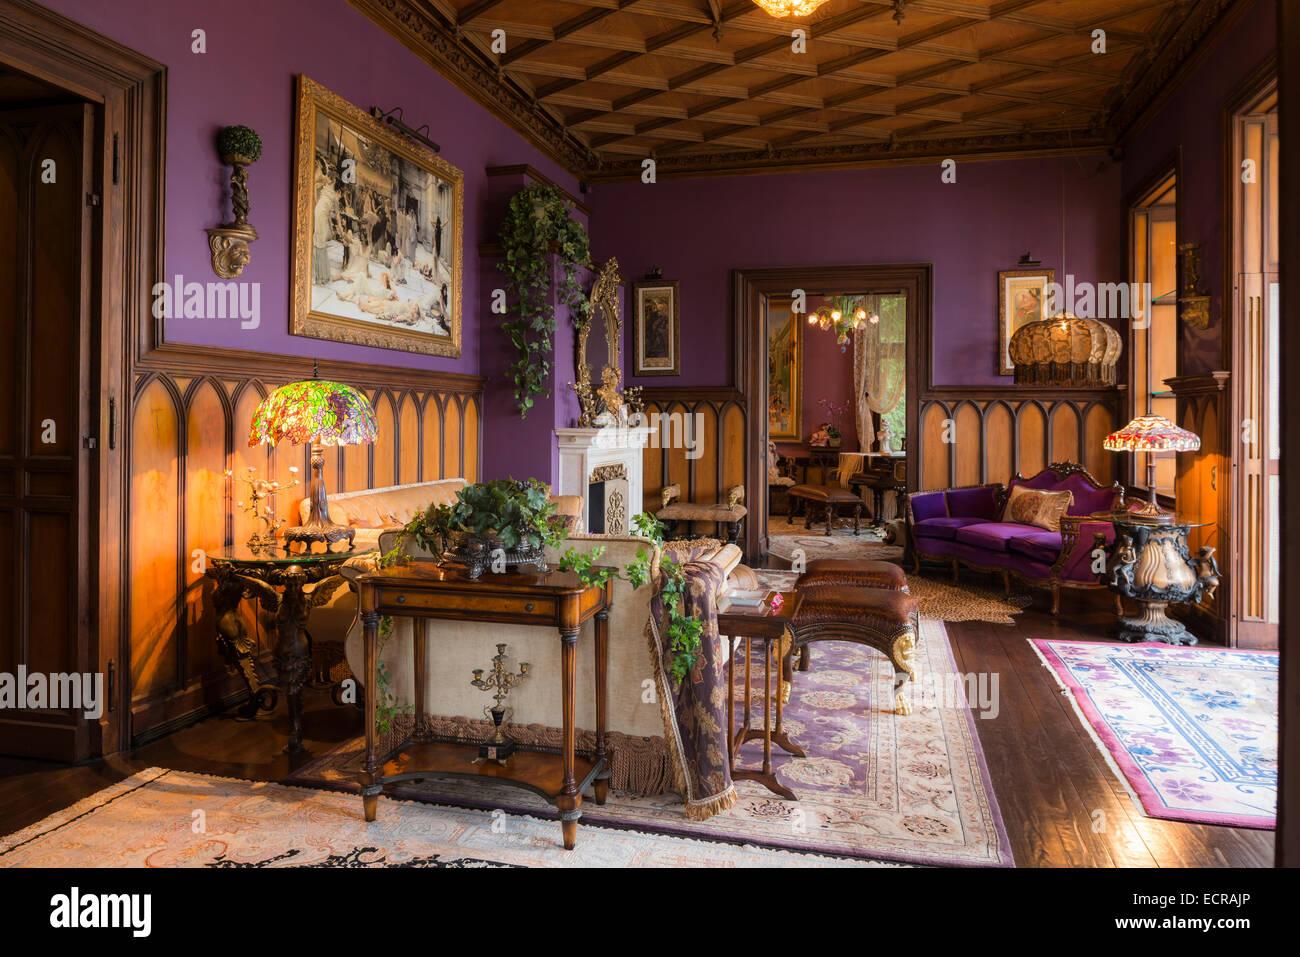 Holz Kassettendecke Im Schloss Wohnzimmer Mit Lila Wanden Und